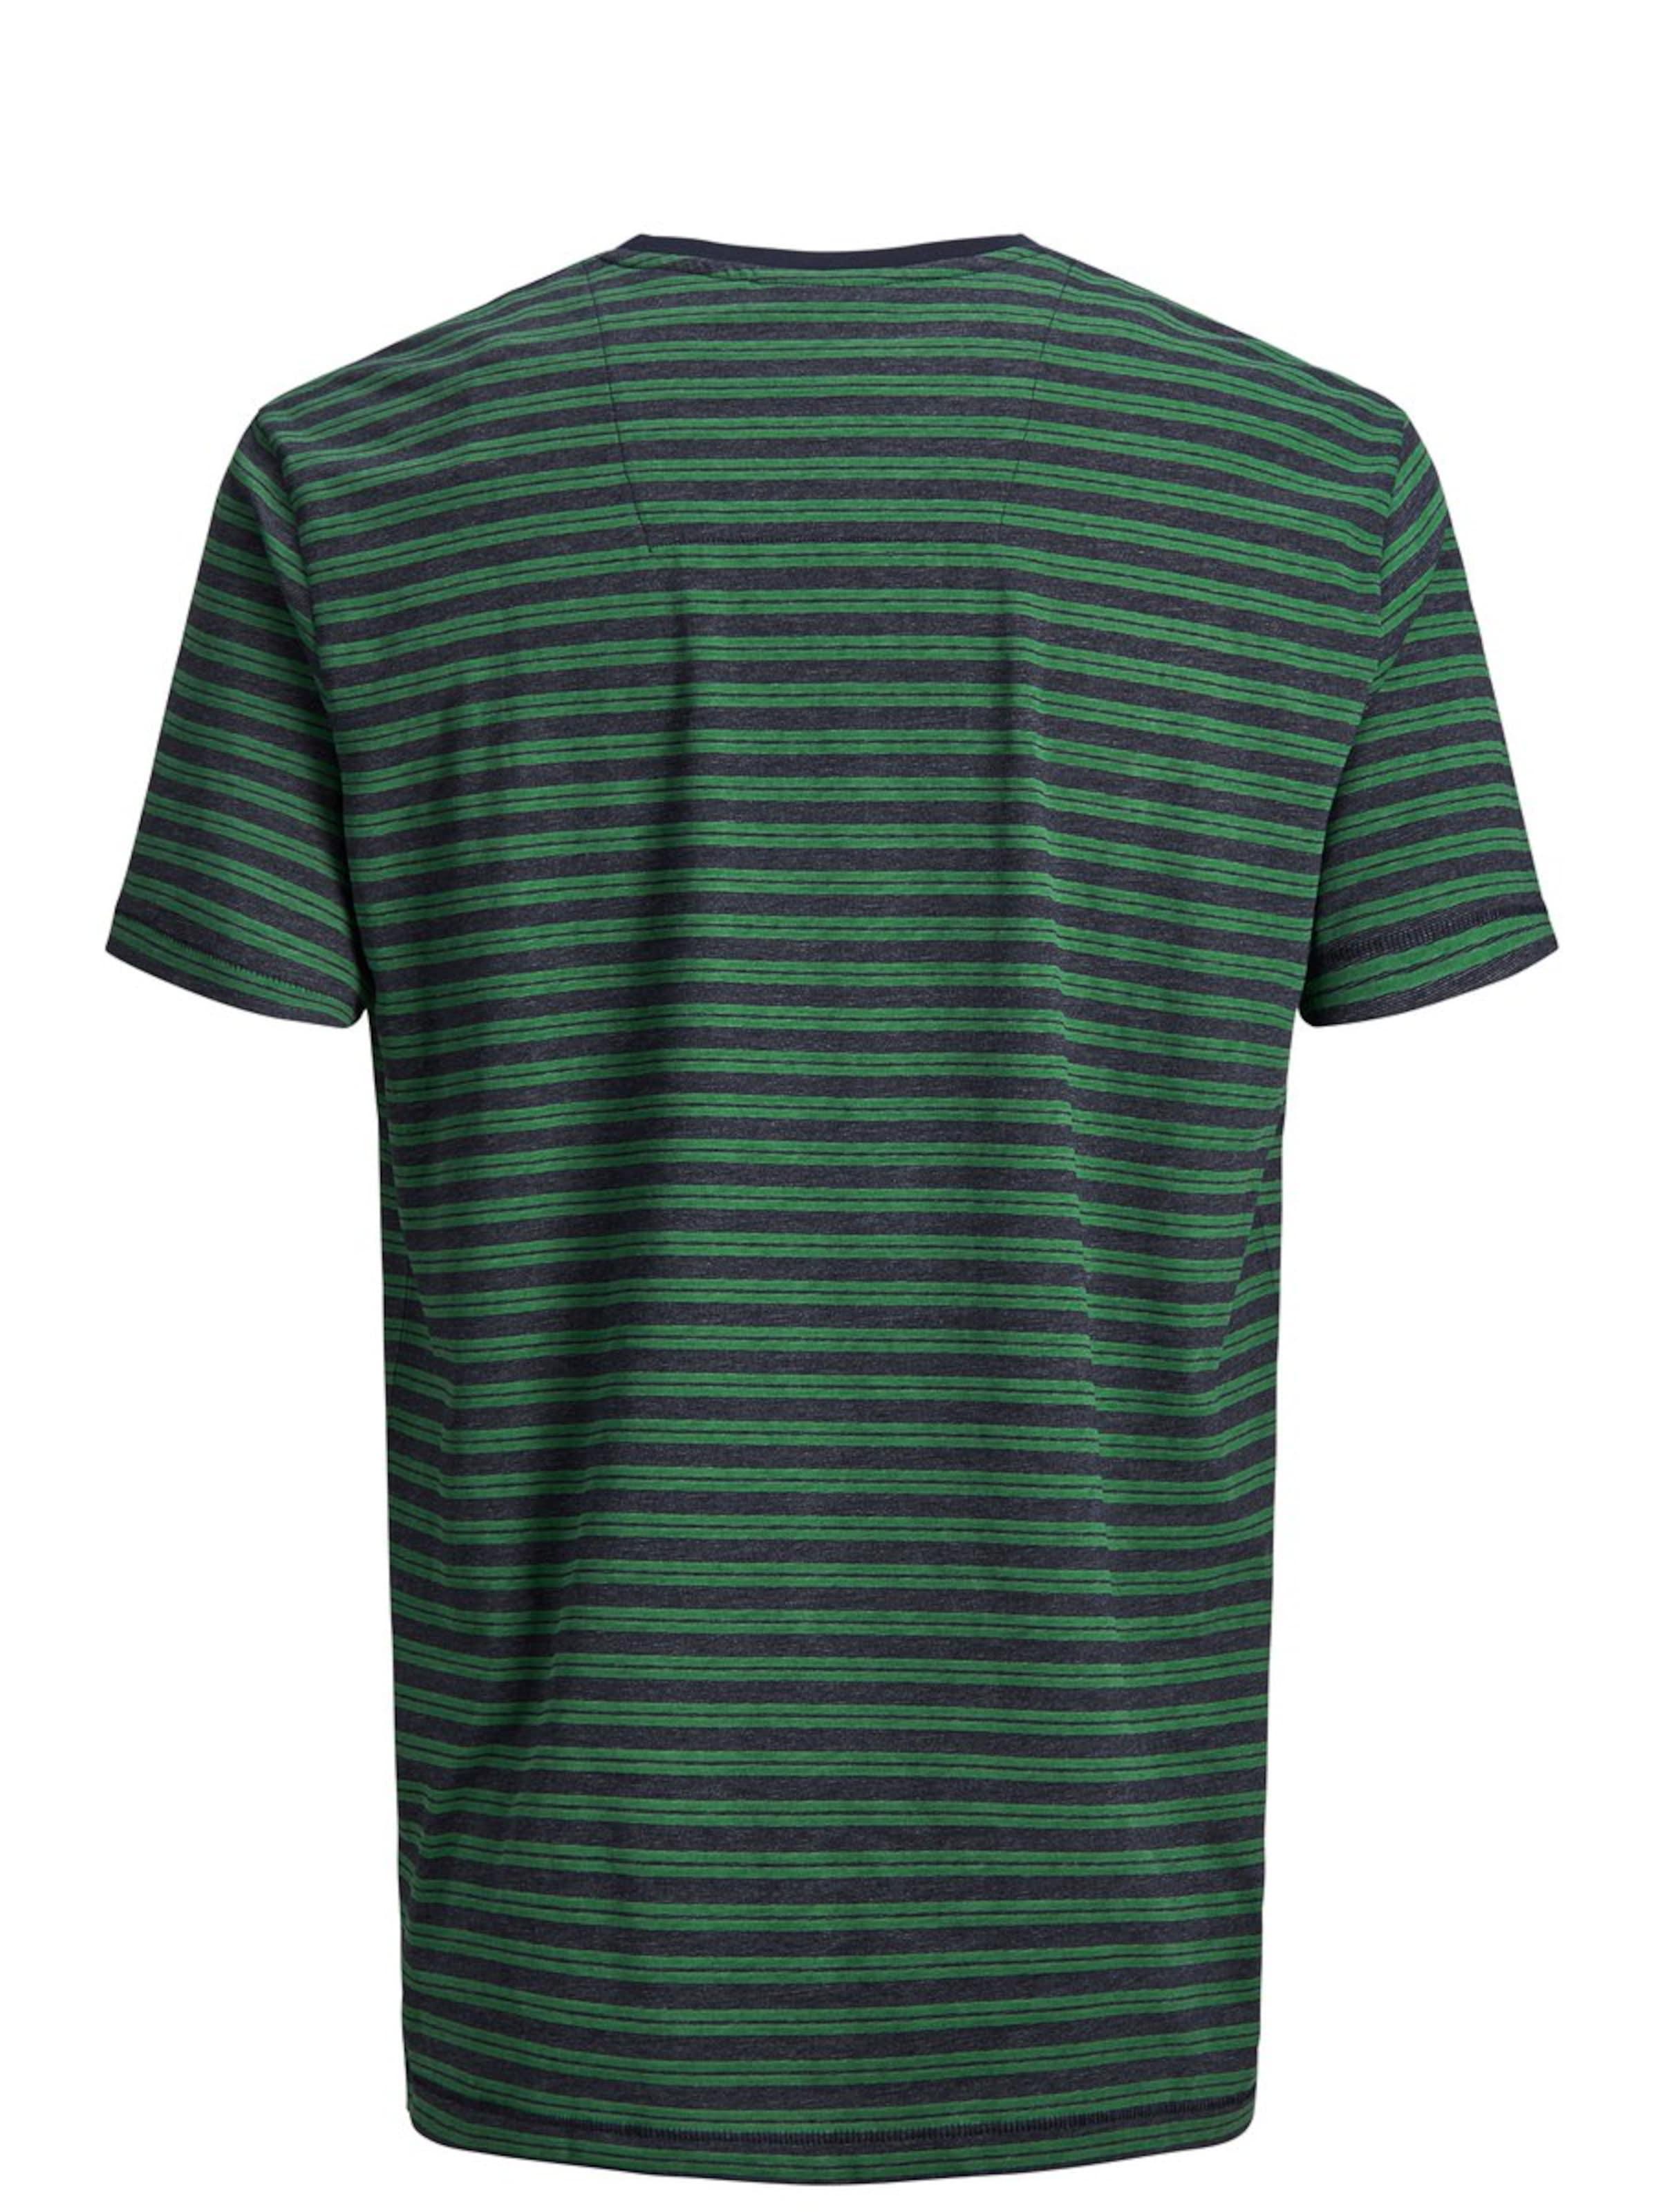 JonesT Chiné In Bleu Jackamp; MarineVert shirt eWH29IDbEY